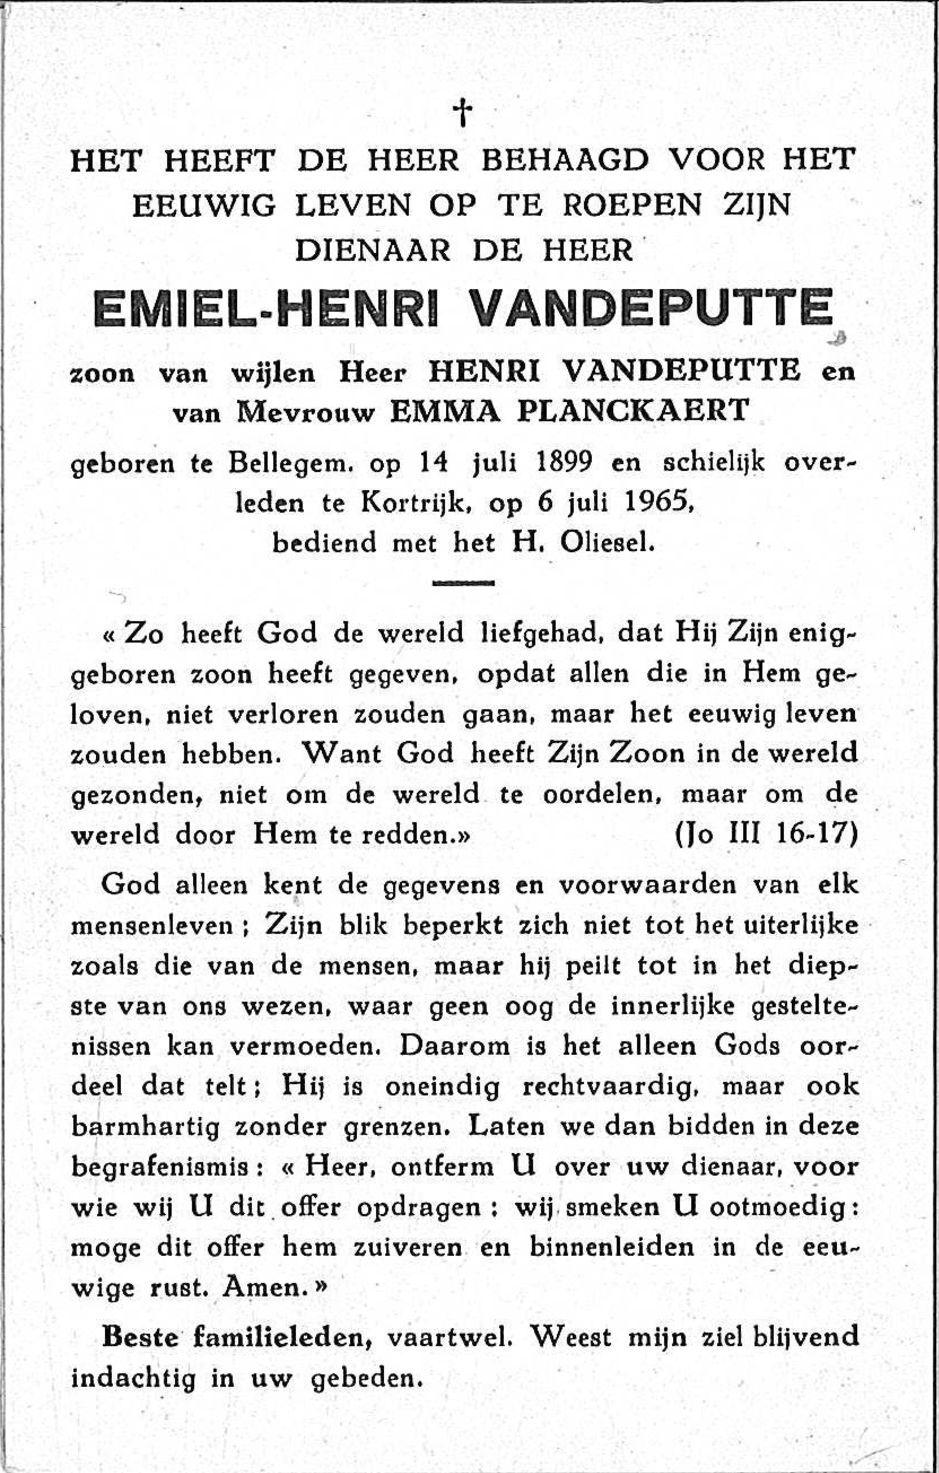 Emiel-Henri Vandeputte